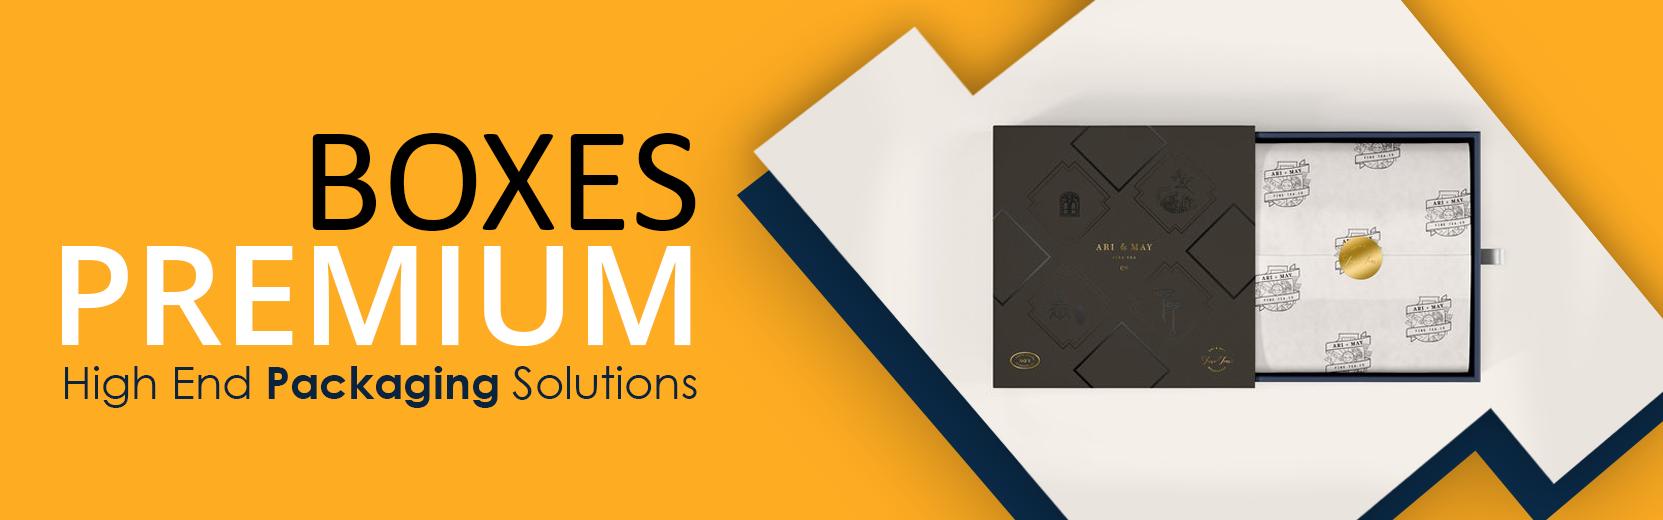 Premium-Boxes-ThePremiumBoxes